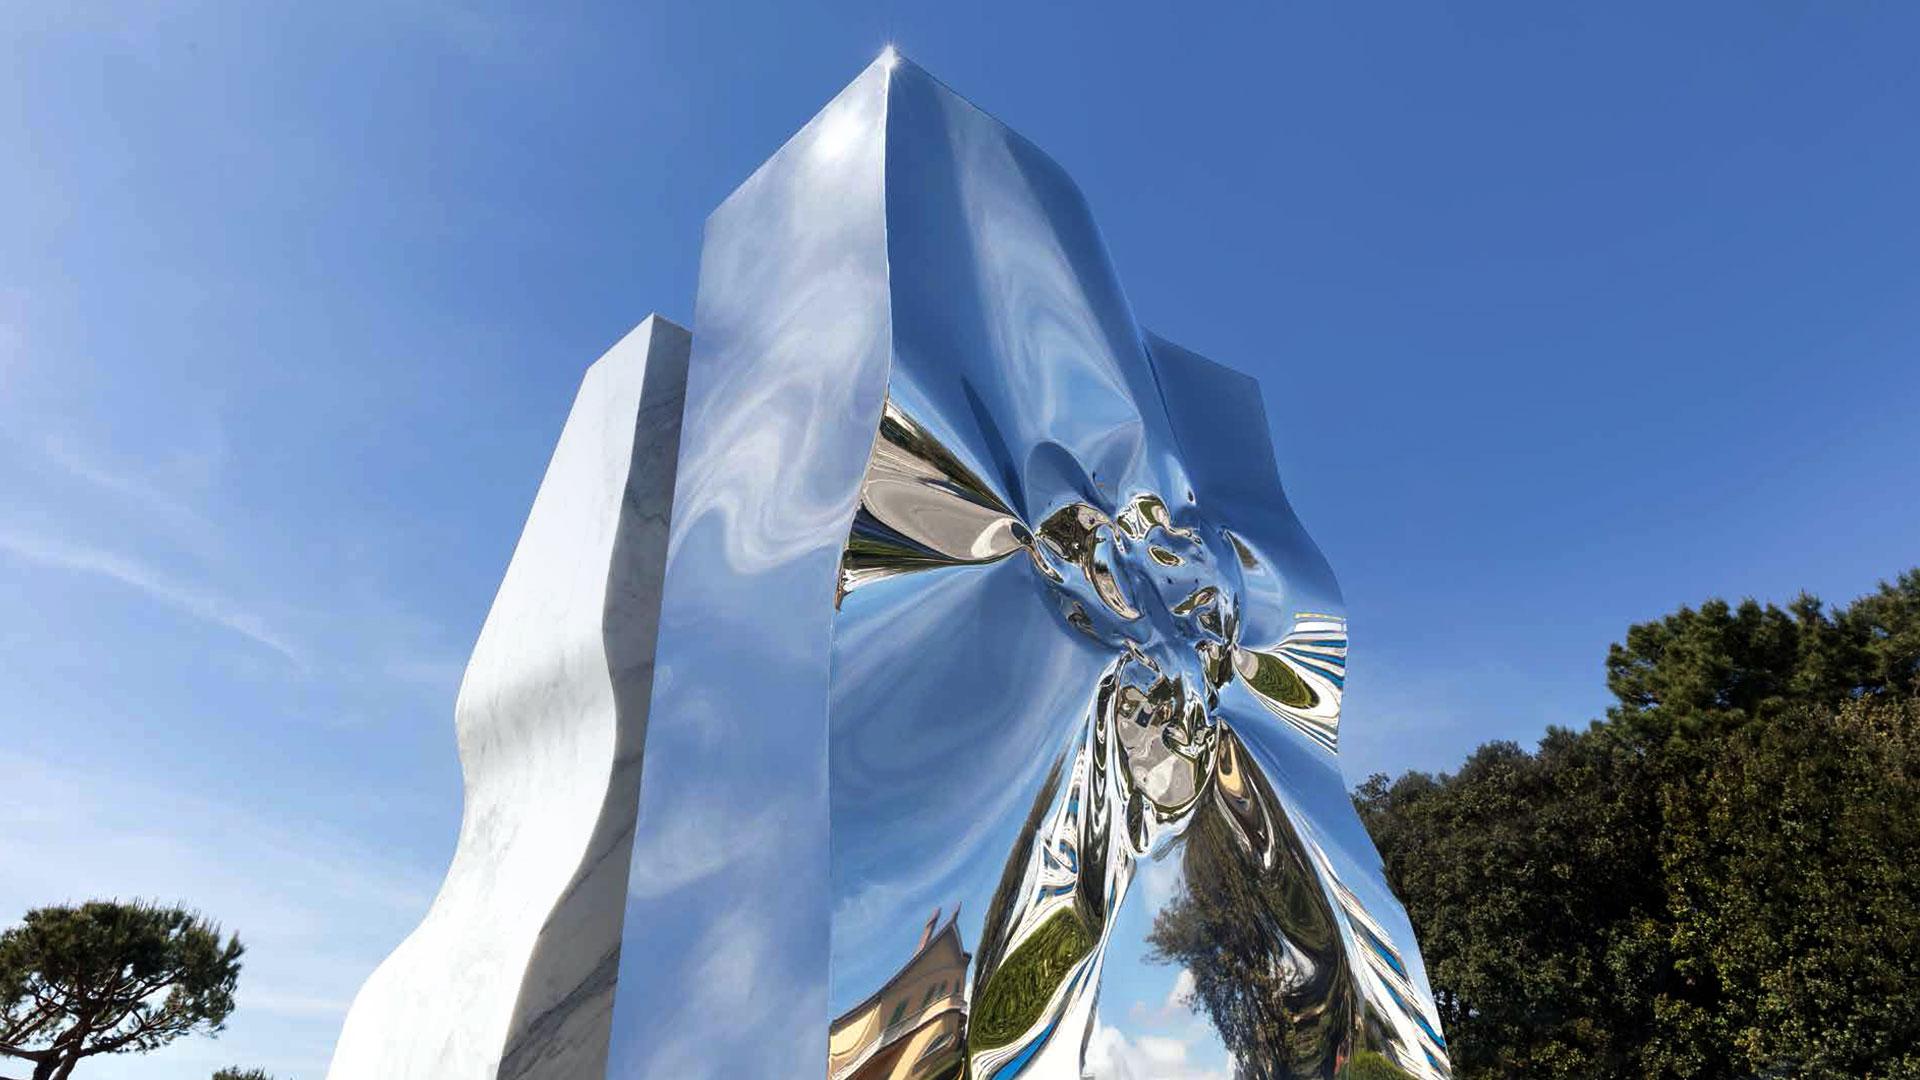 helidon xhixha, scultura in acciaio su cielo blu